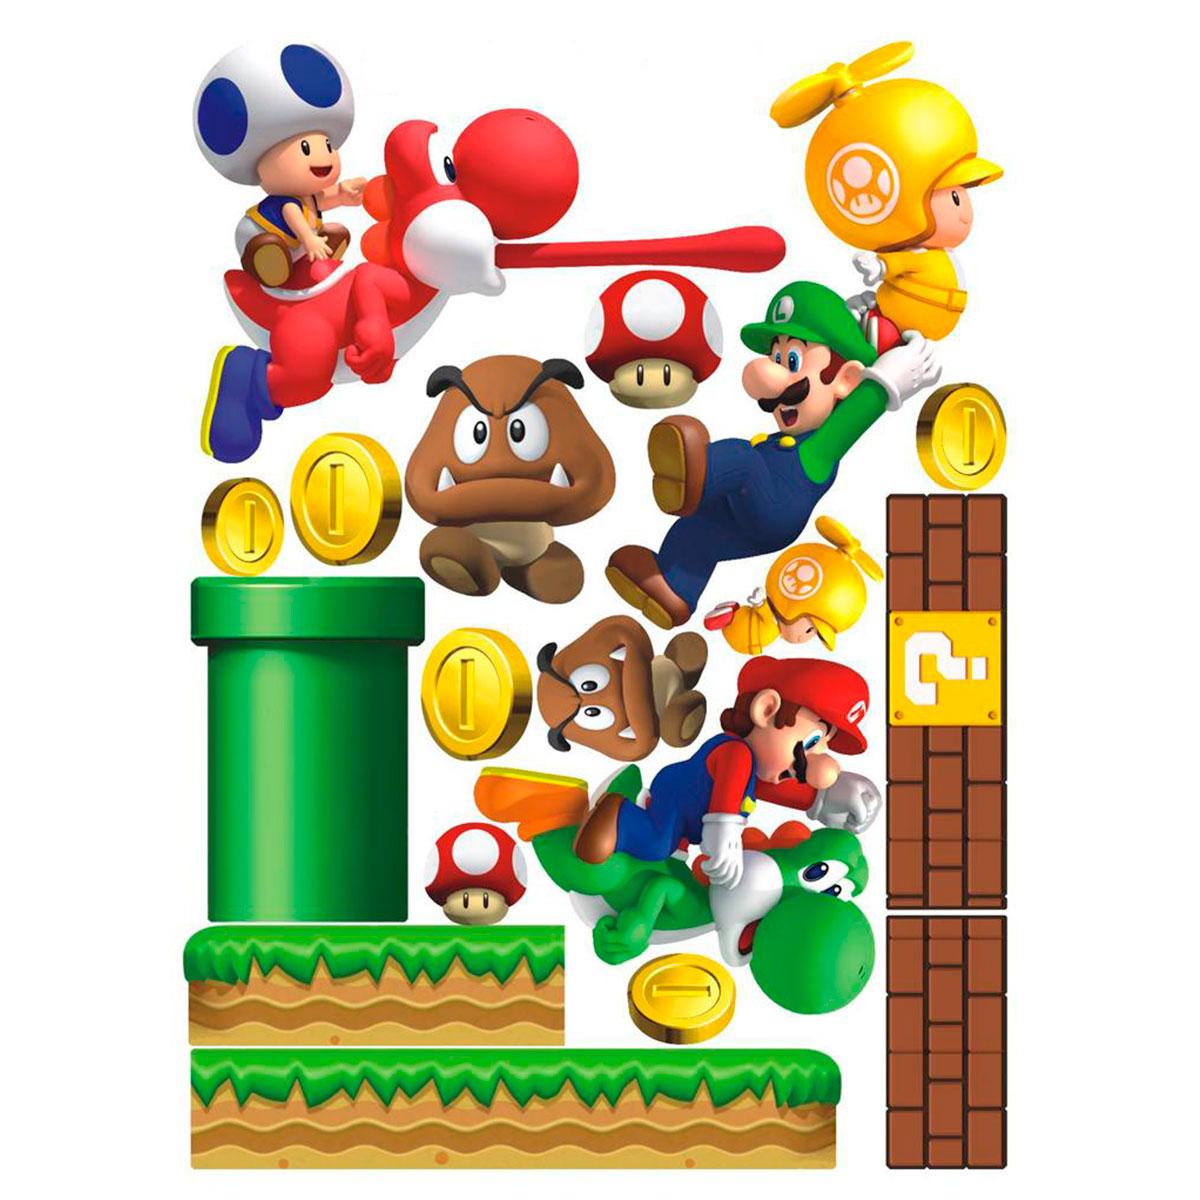 Adesivo Emagrecedor Funciona ~ NerdMania Marcas Super Mario Adesivo de Parede Super Mario SUPER MARIO